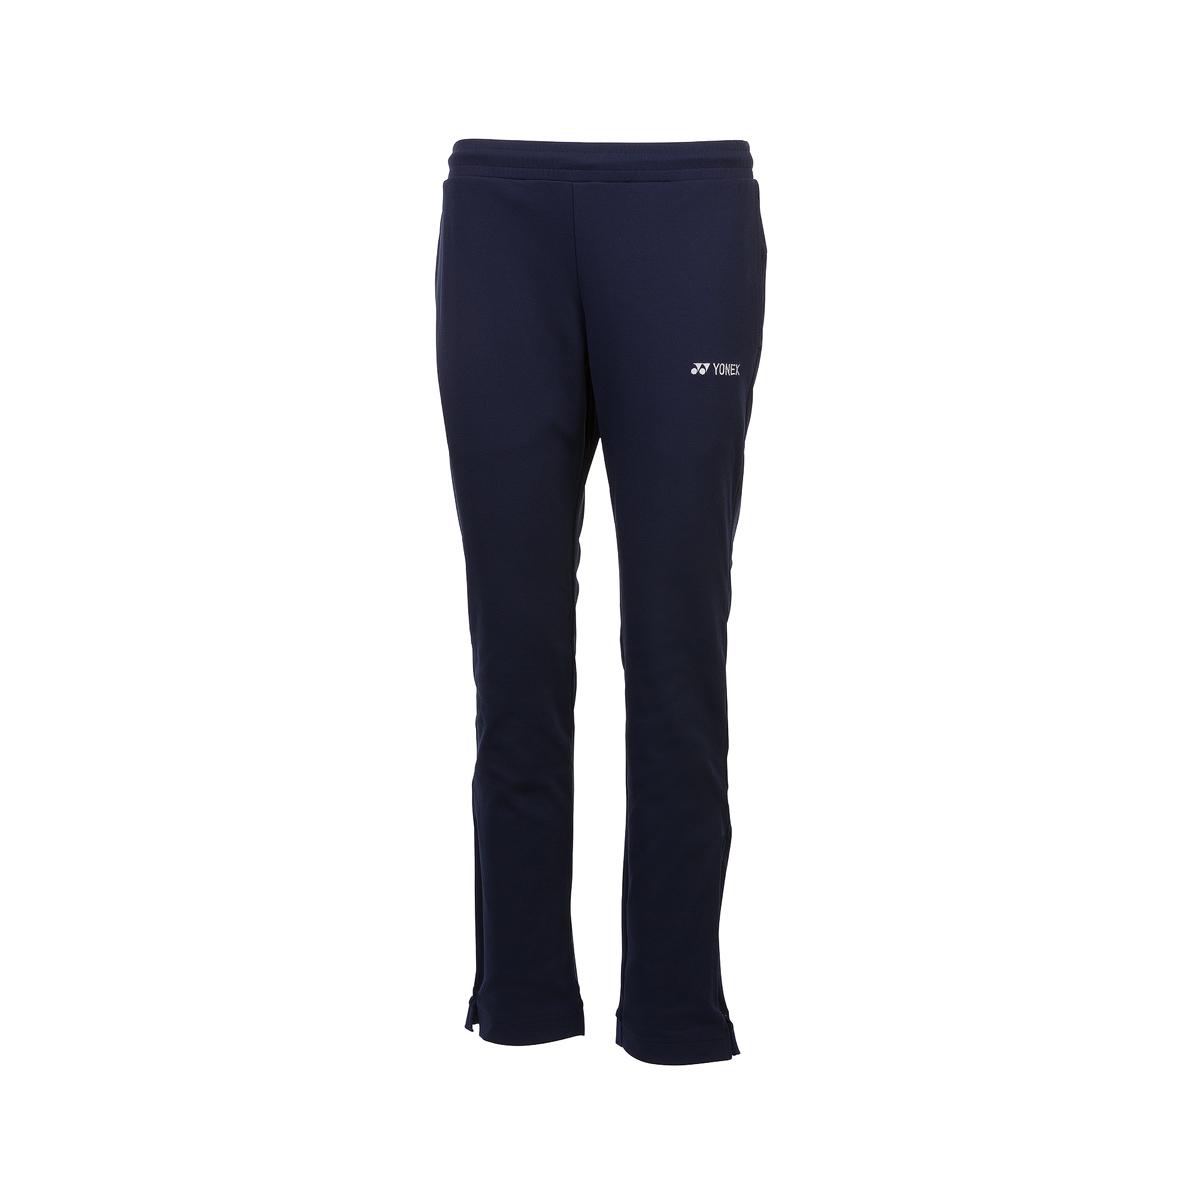 YONEX - Women Warm-up Pants #67060